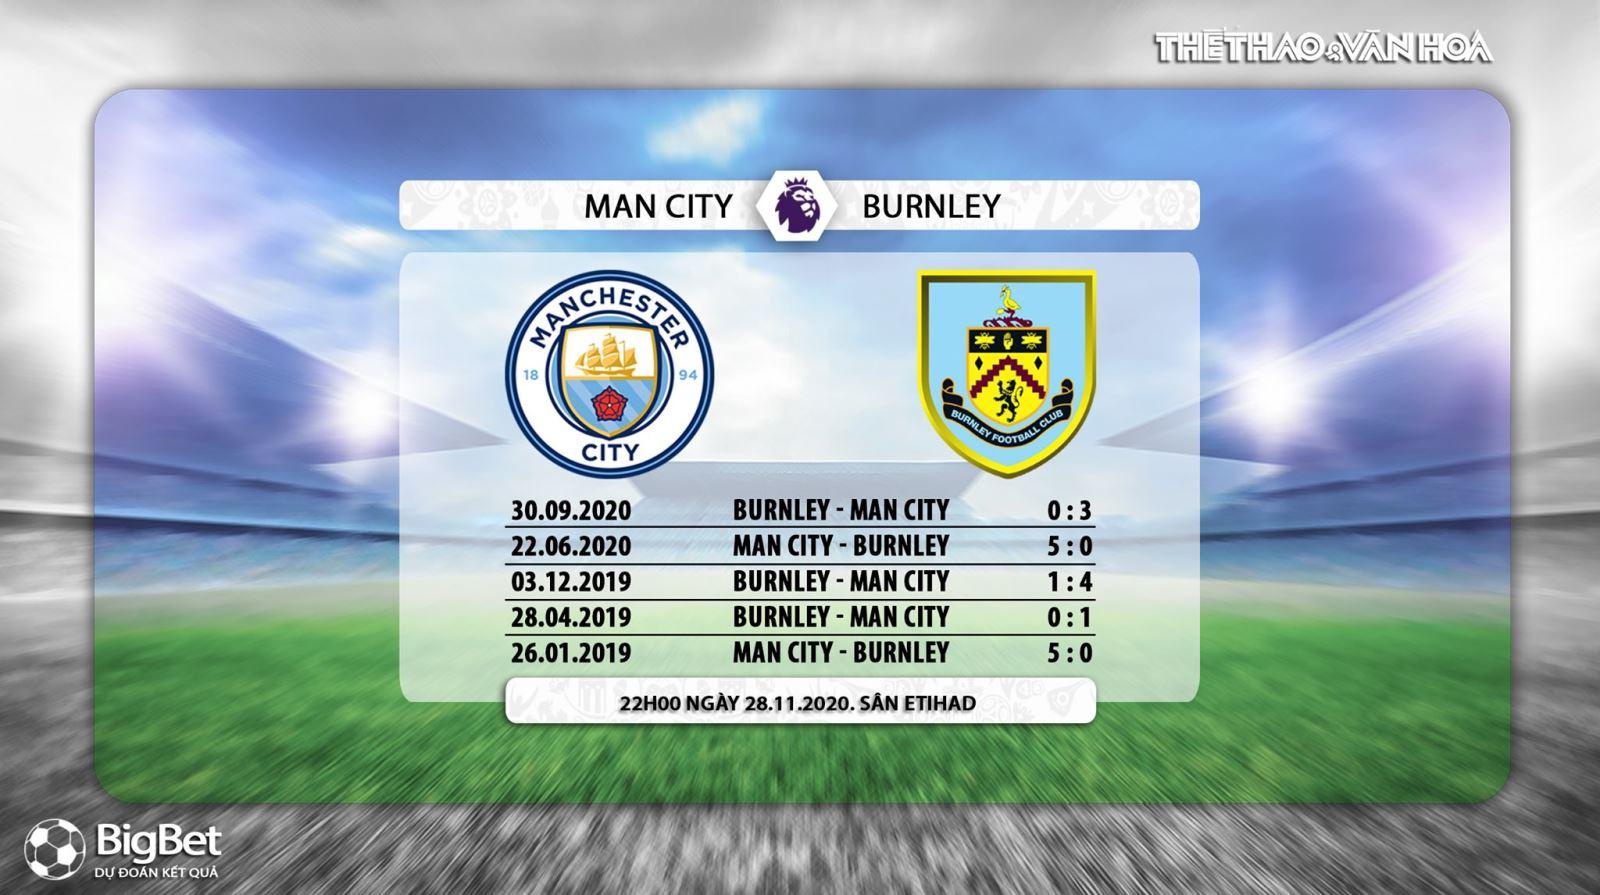 Keo nha cai, kèo nhà cái, Man City vs Burnley, truc tiep bong da, ngoai hang Anh vòng 10, kèo bóng đá, trực tiếp Man City đấu với Burnley, trực tiếp bóng đá Anh